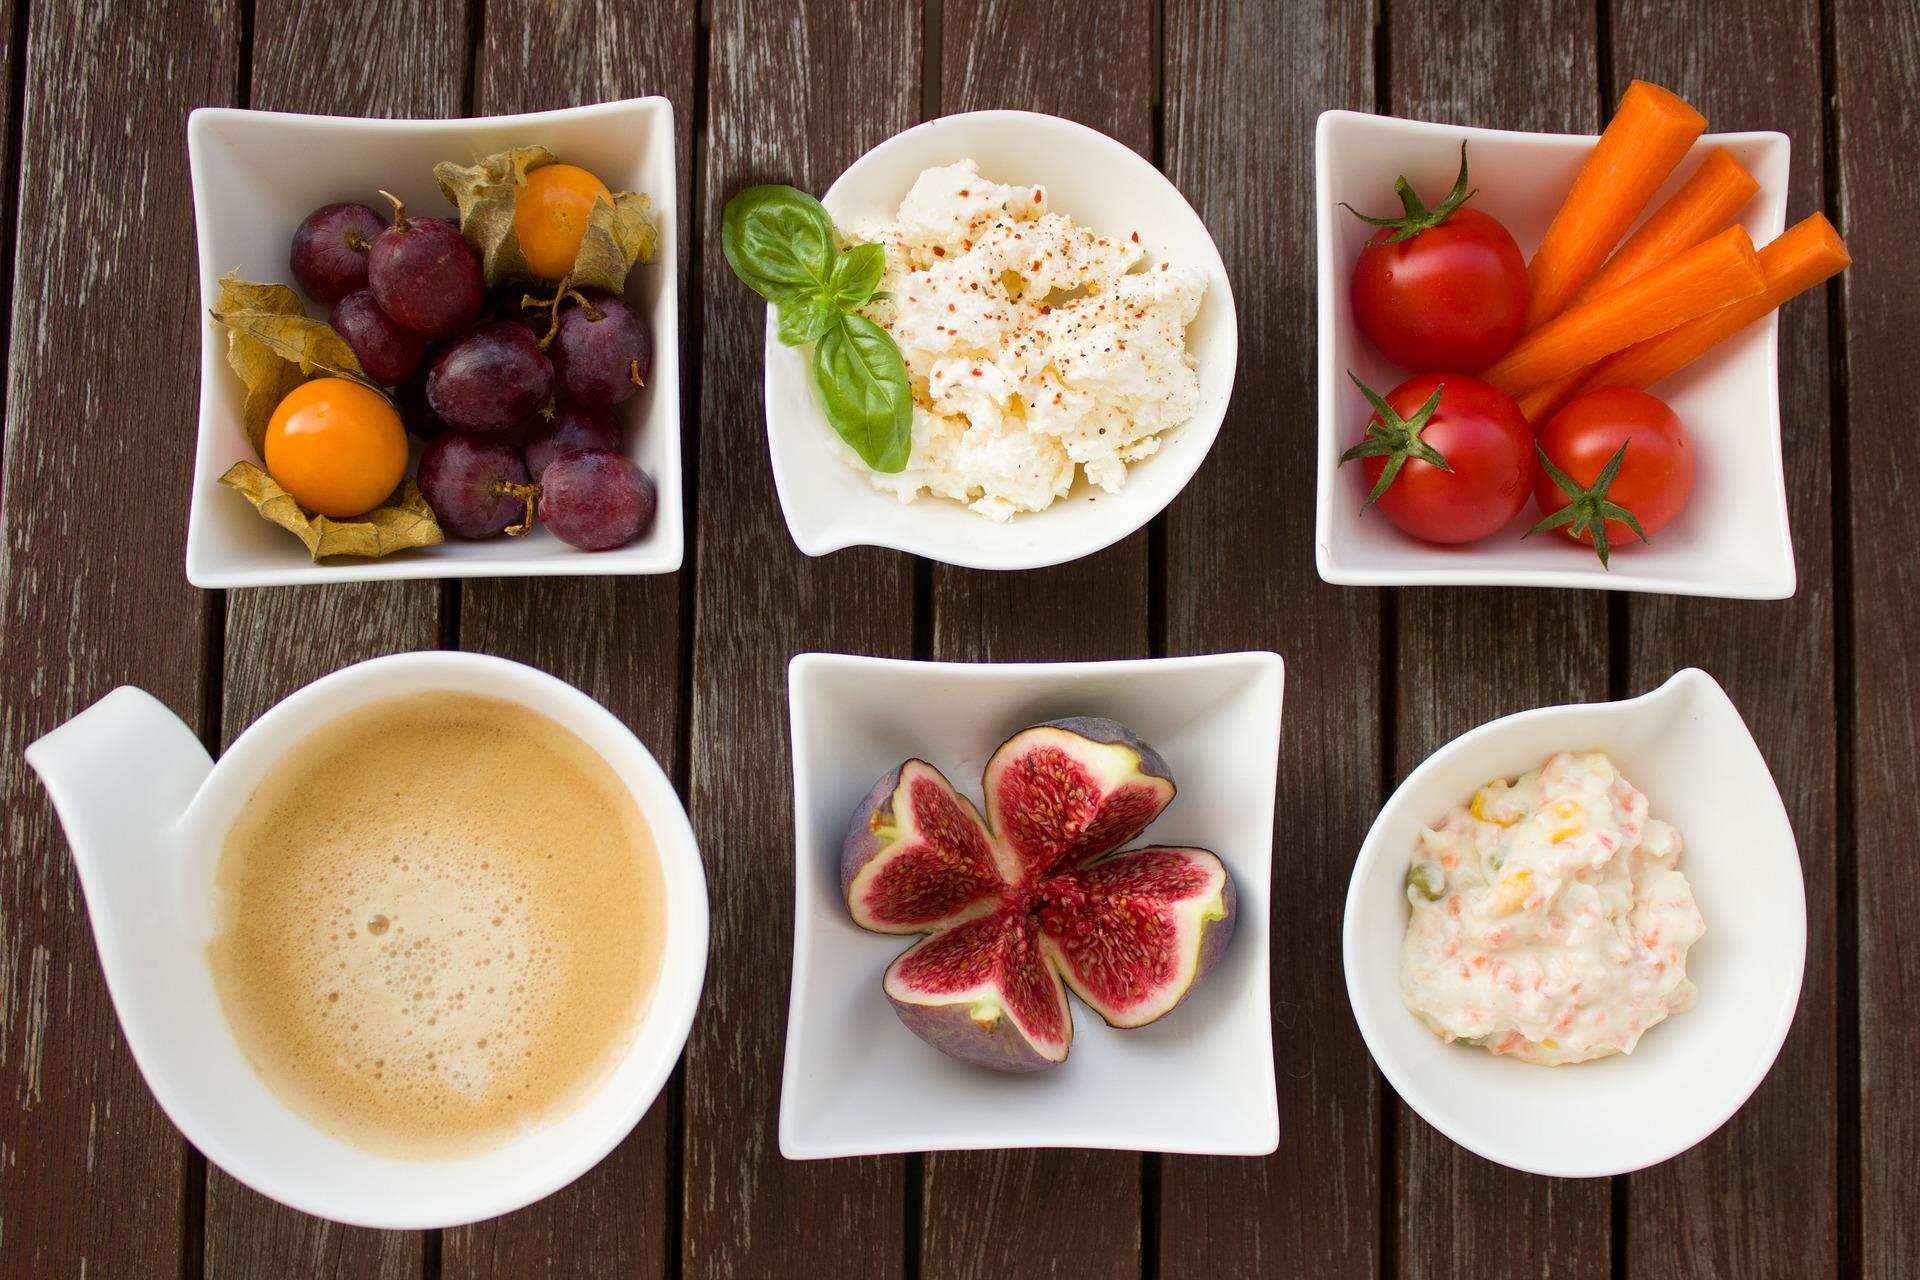 晚餐吃的正确对于身体健康很有帮助(资料图片:pixabay)